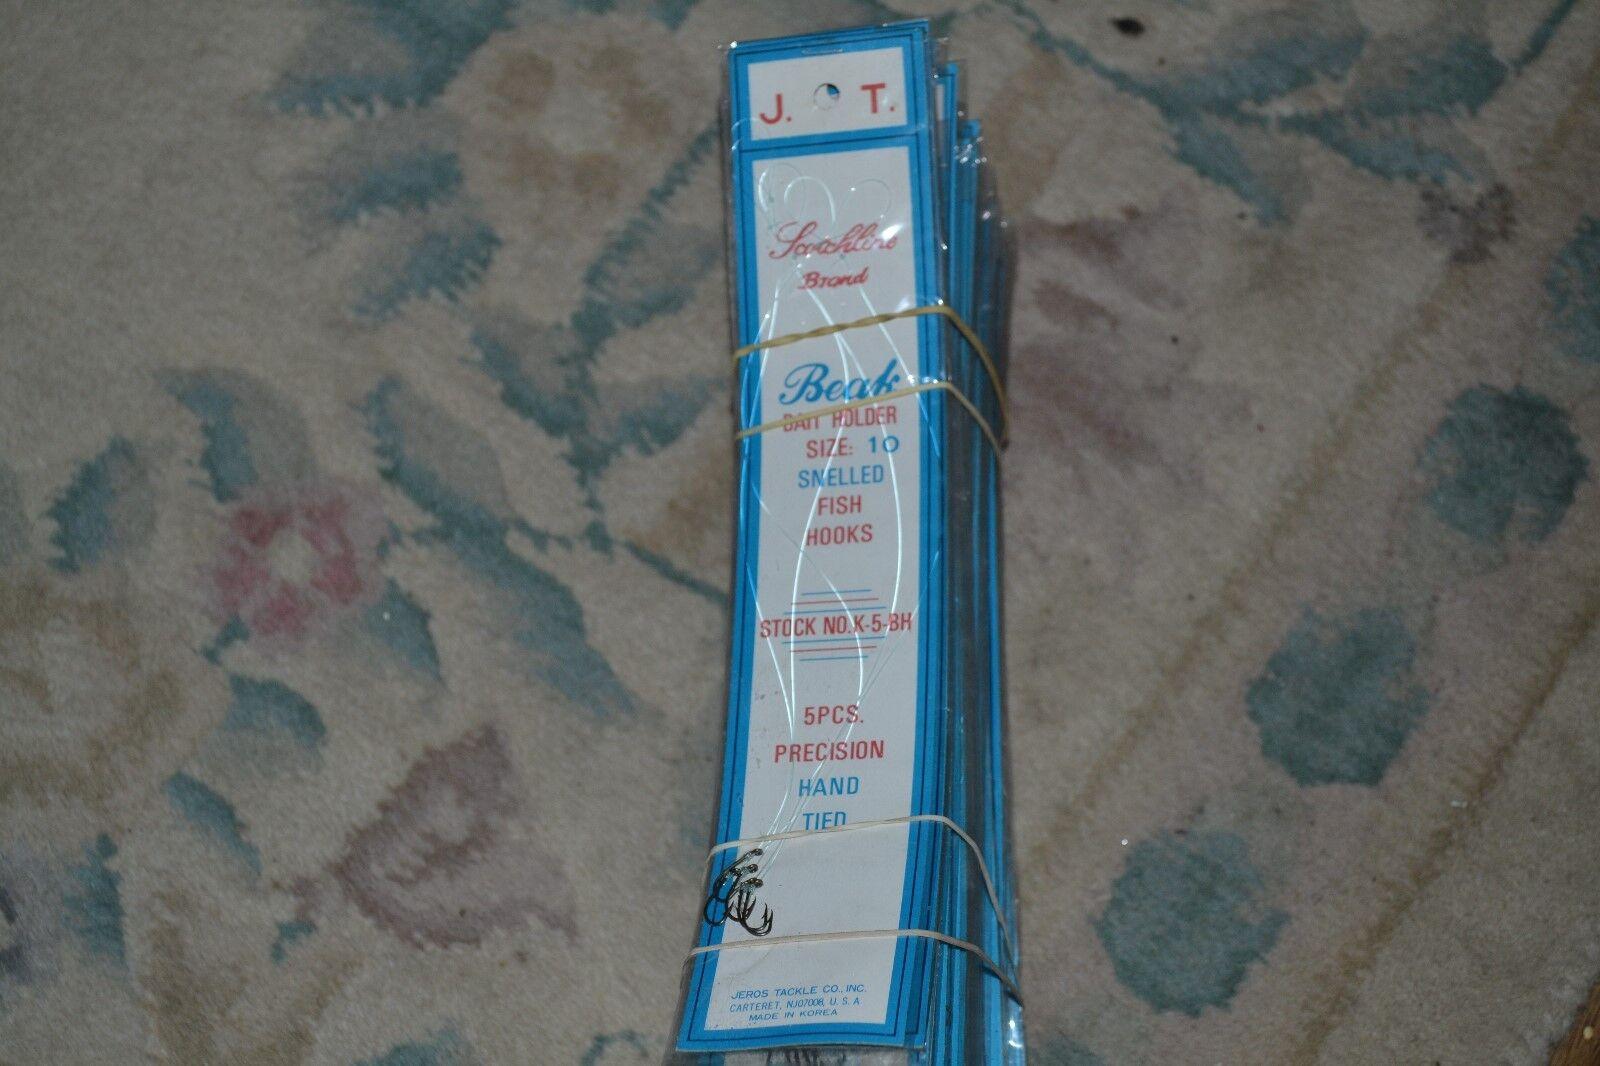 80 paquetes de tamaño 10 Lote schotchline Bronceado Cebo Pesca Anzuelos titular Snelled